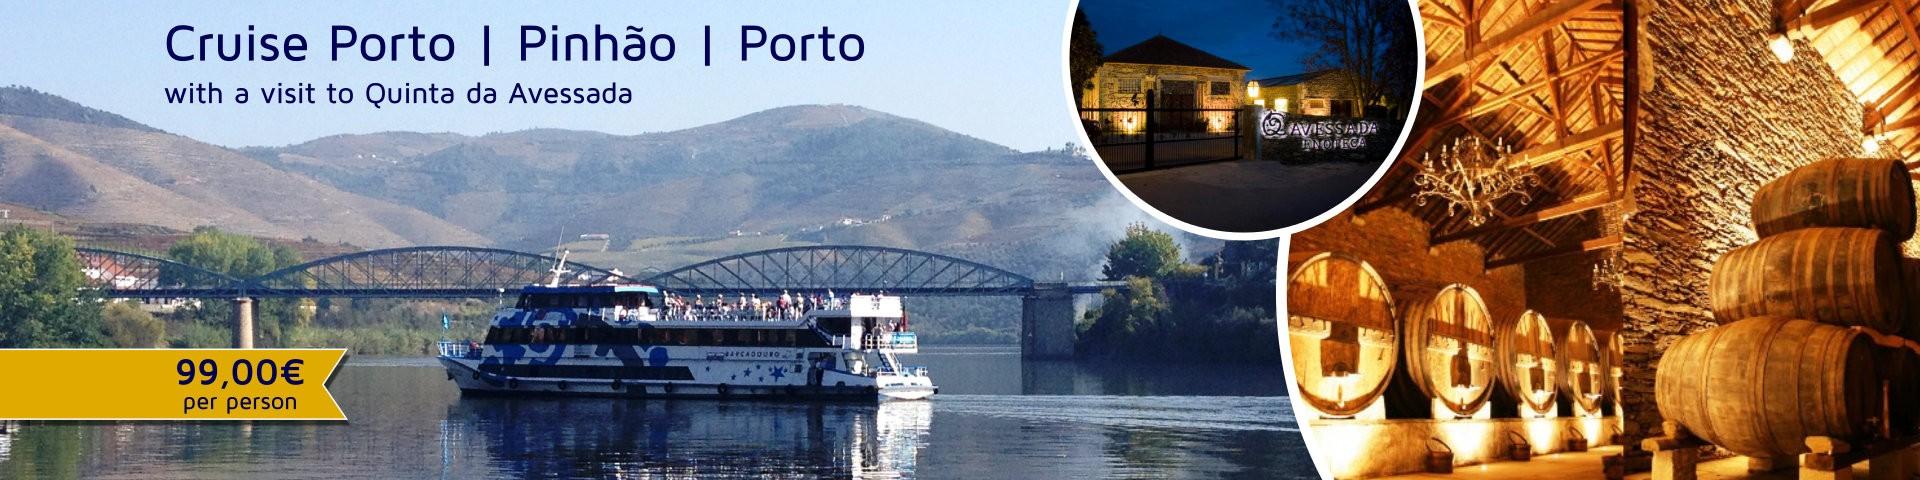 Cruise Porto Pinhão Porto